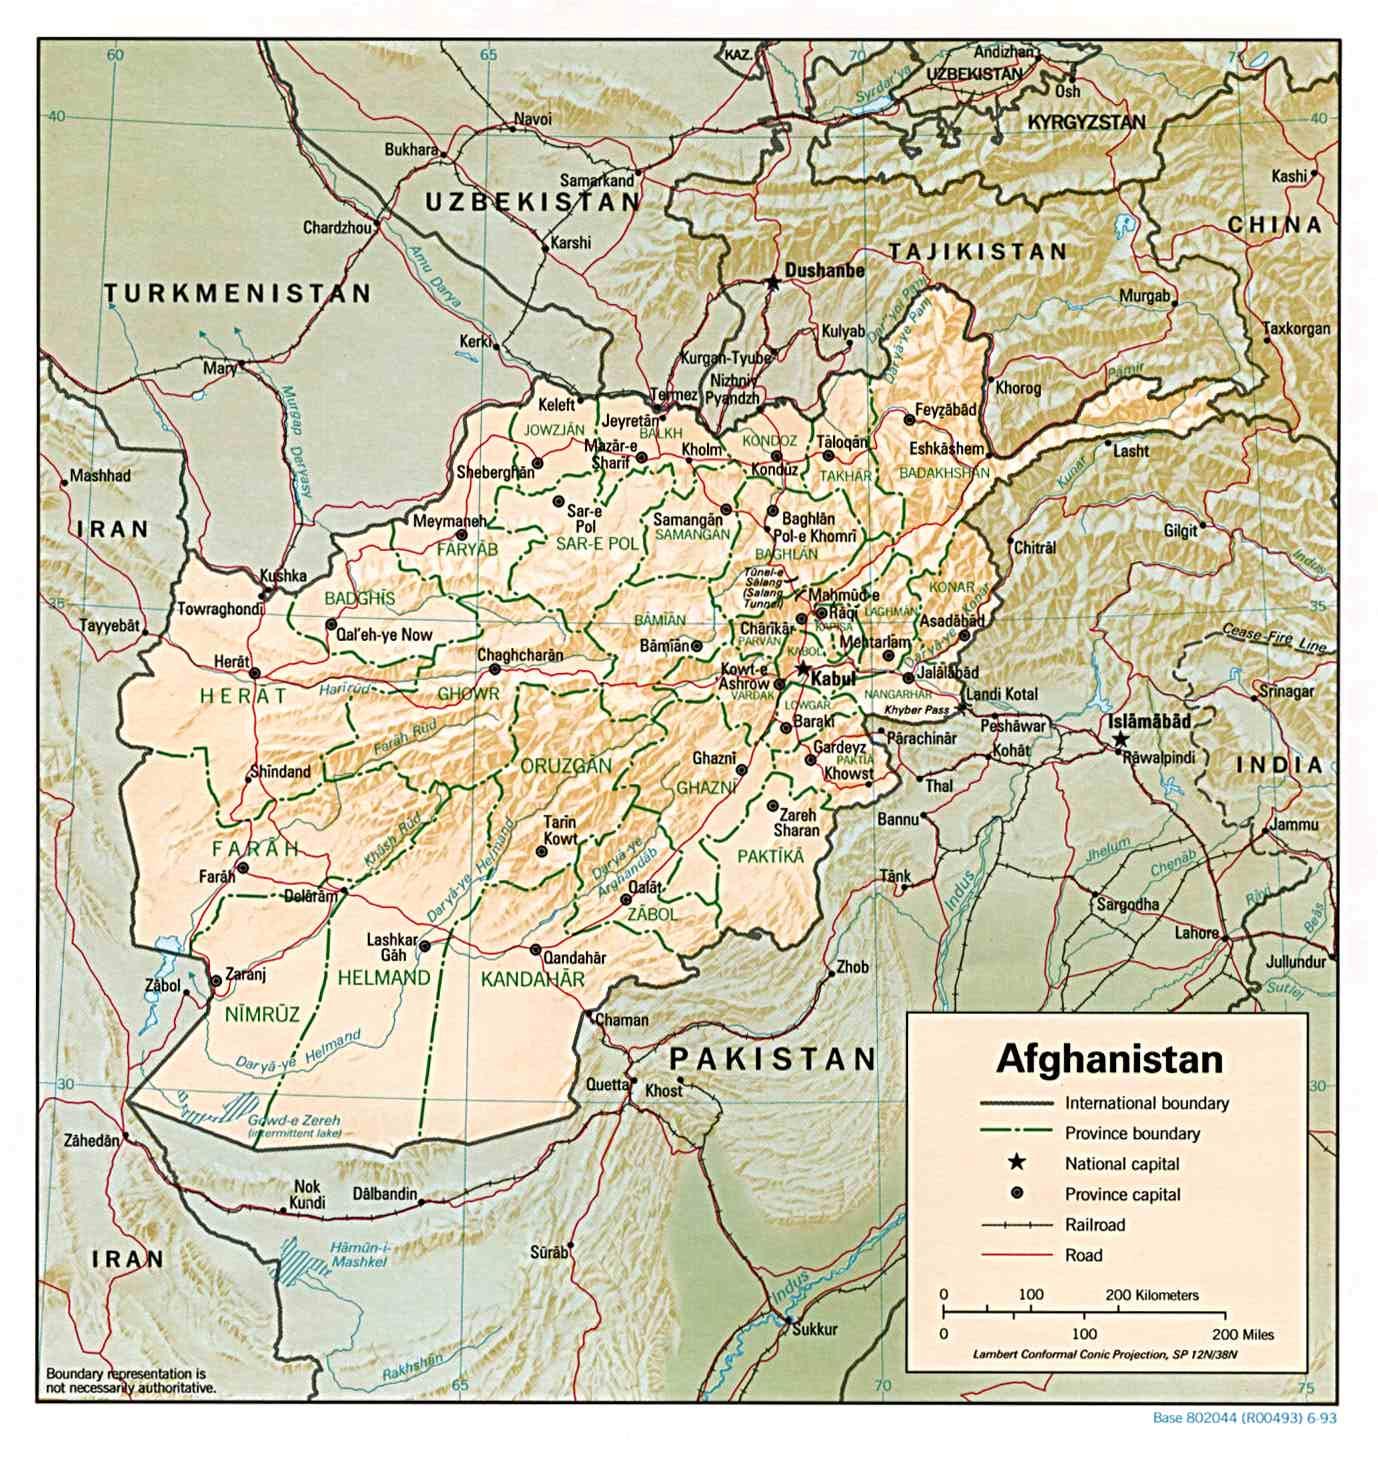 http://mindtel.com/2006/0307.jalalabad/maps/afghanistan.jpg